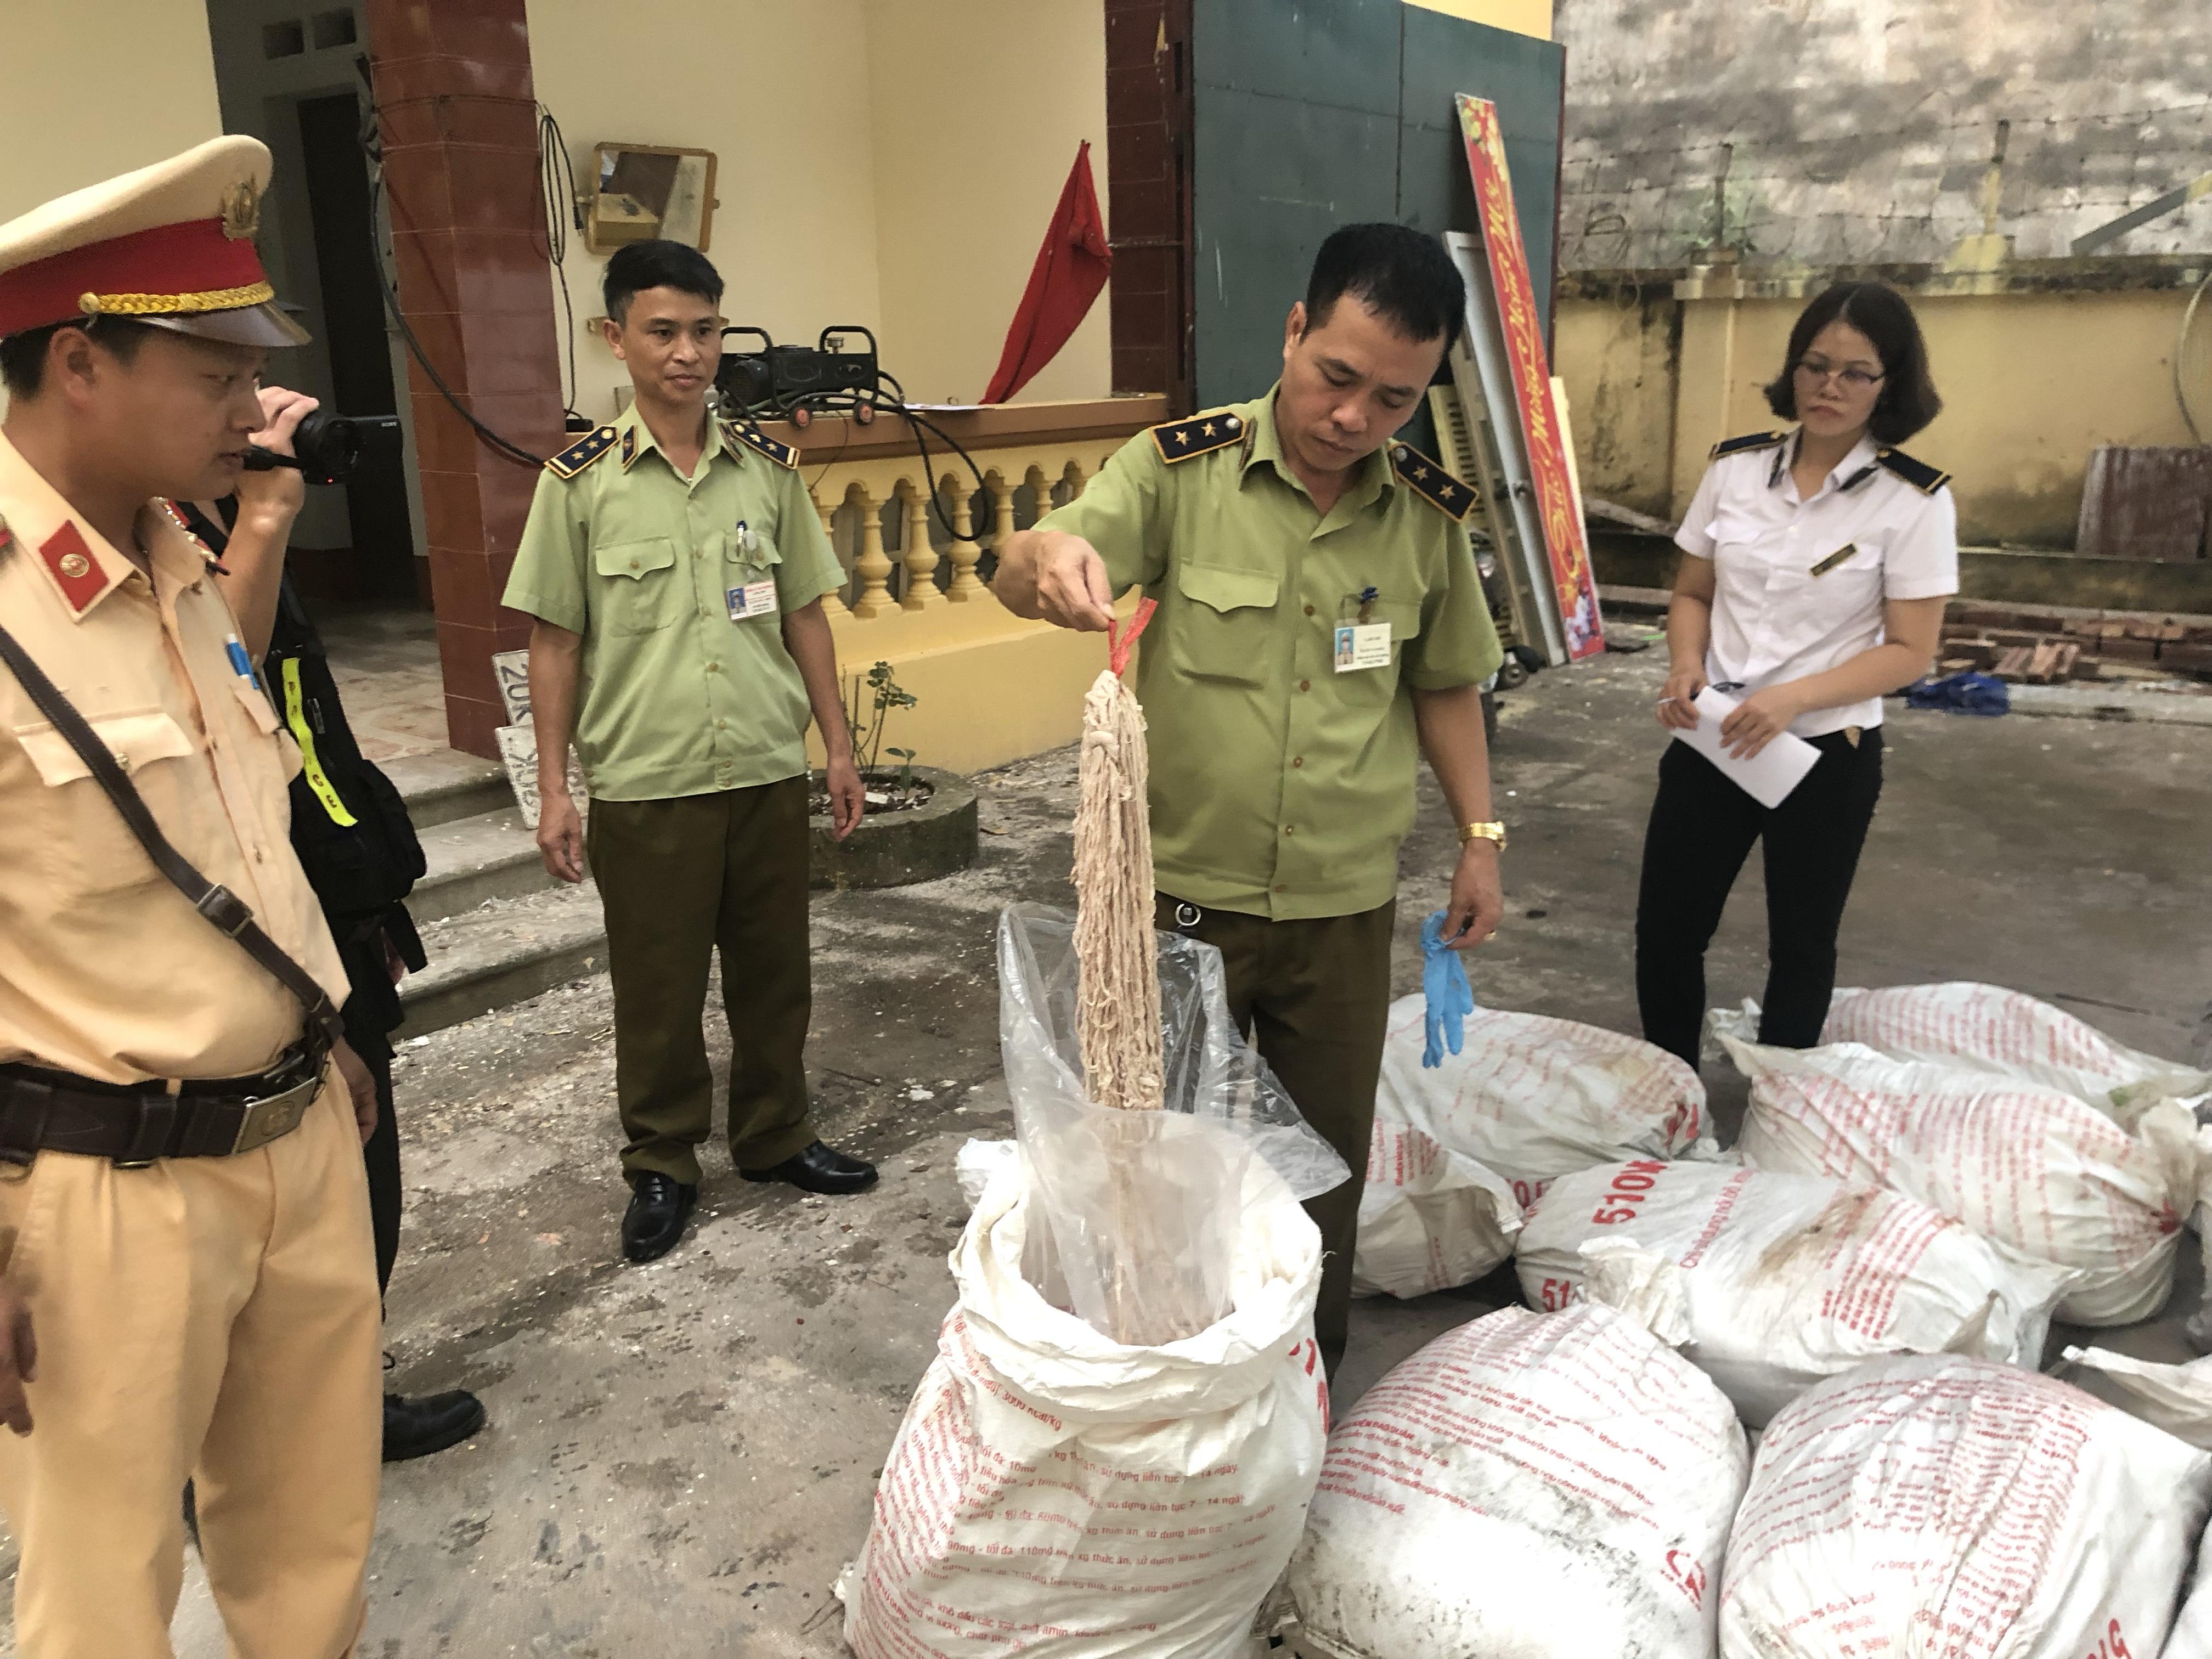 Lạng Sơn: Thu giữ số lượng lớn lòng lợn đã qua chế biến, không rõ nguồn gốc xuất xứ (20/9/2019)